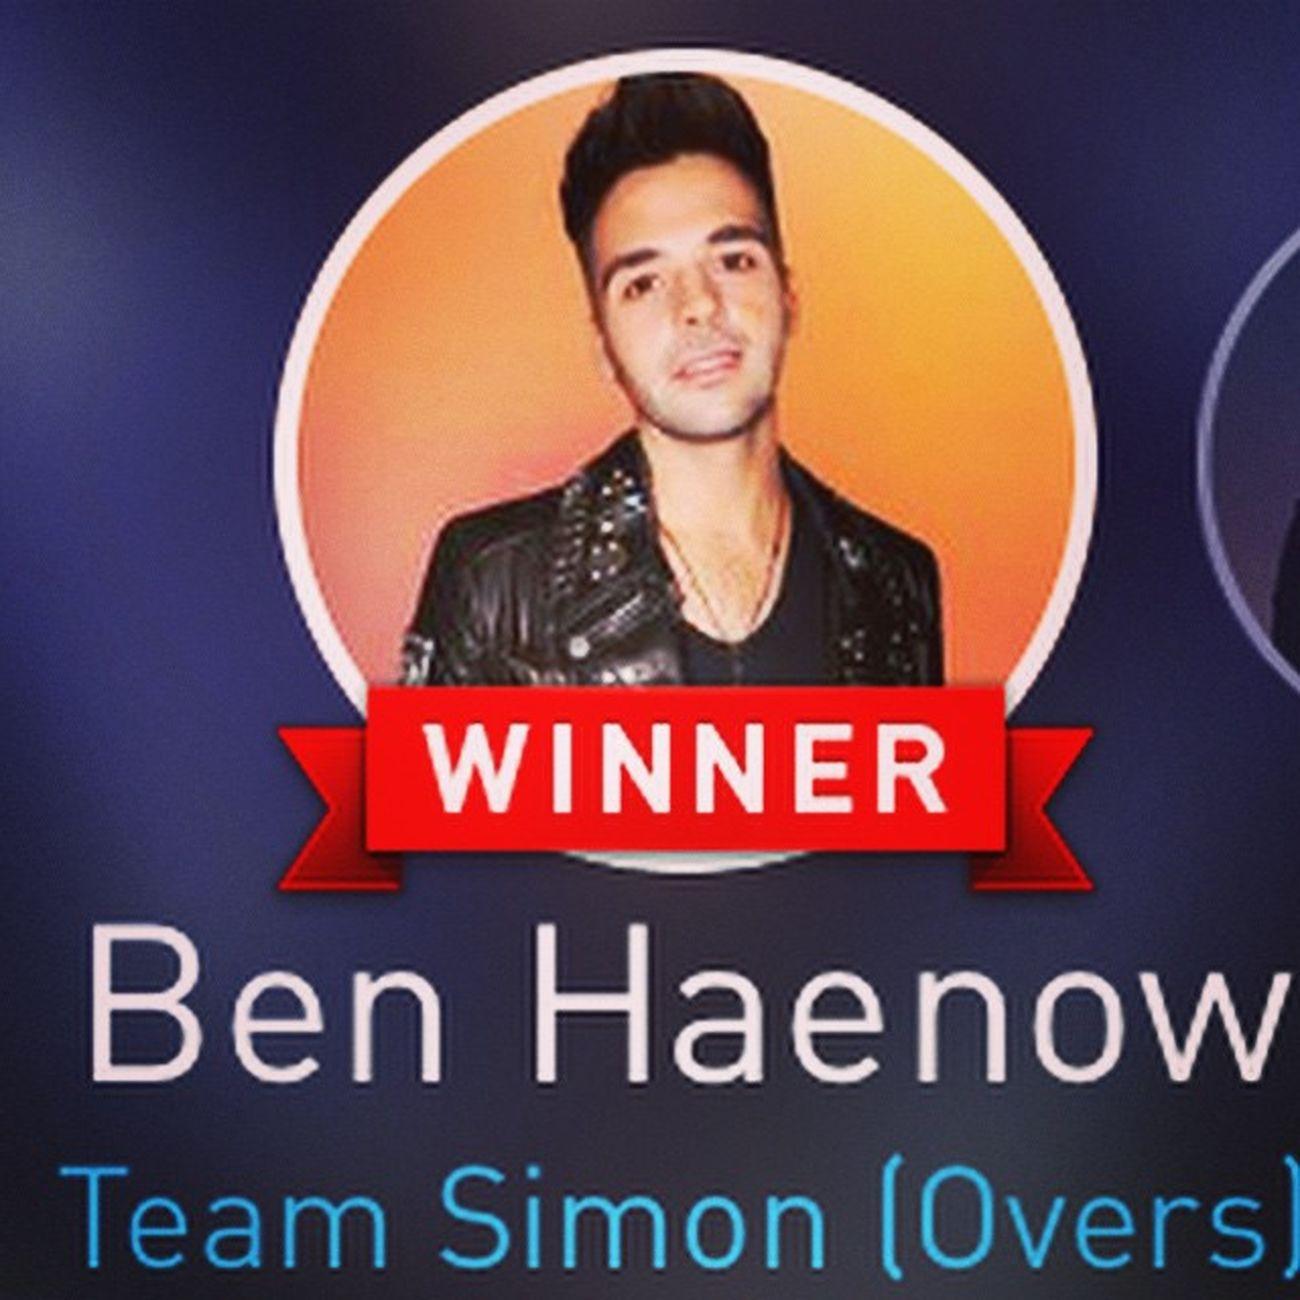 Benhaenow TheXFactor Xfactor Woohoo Winner